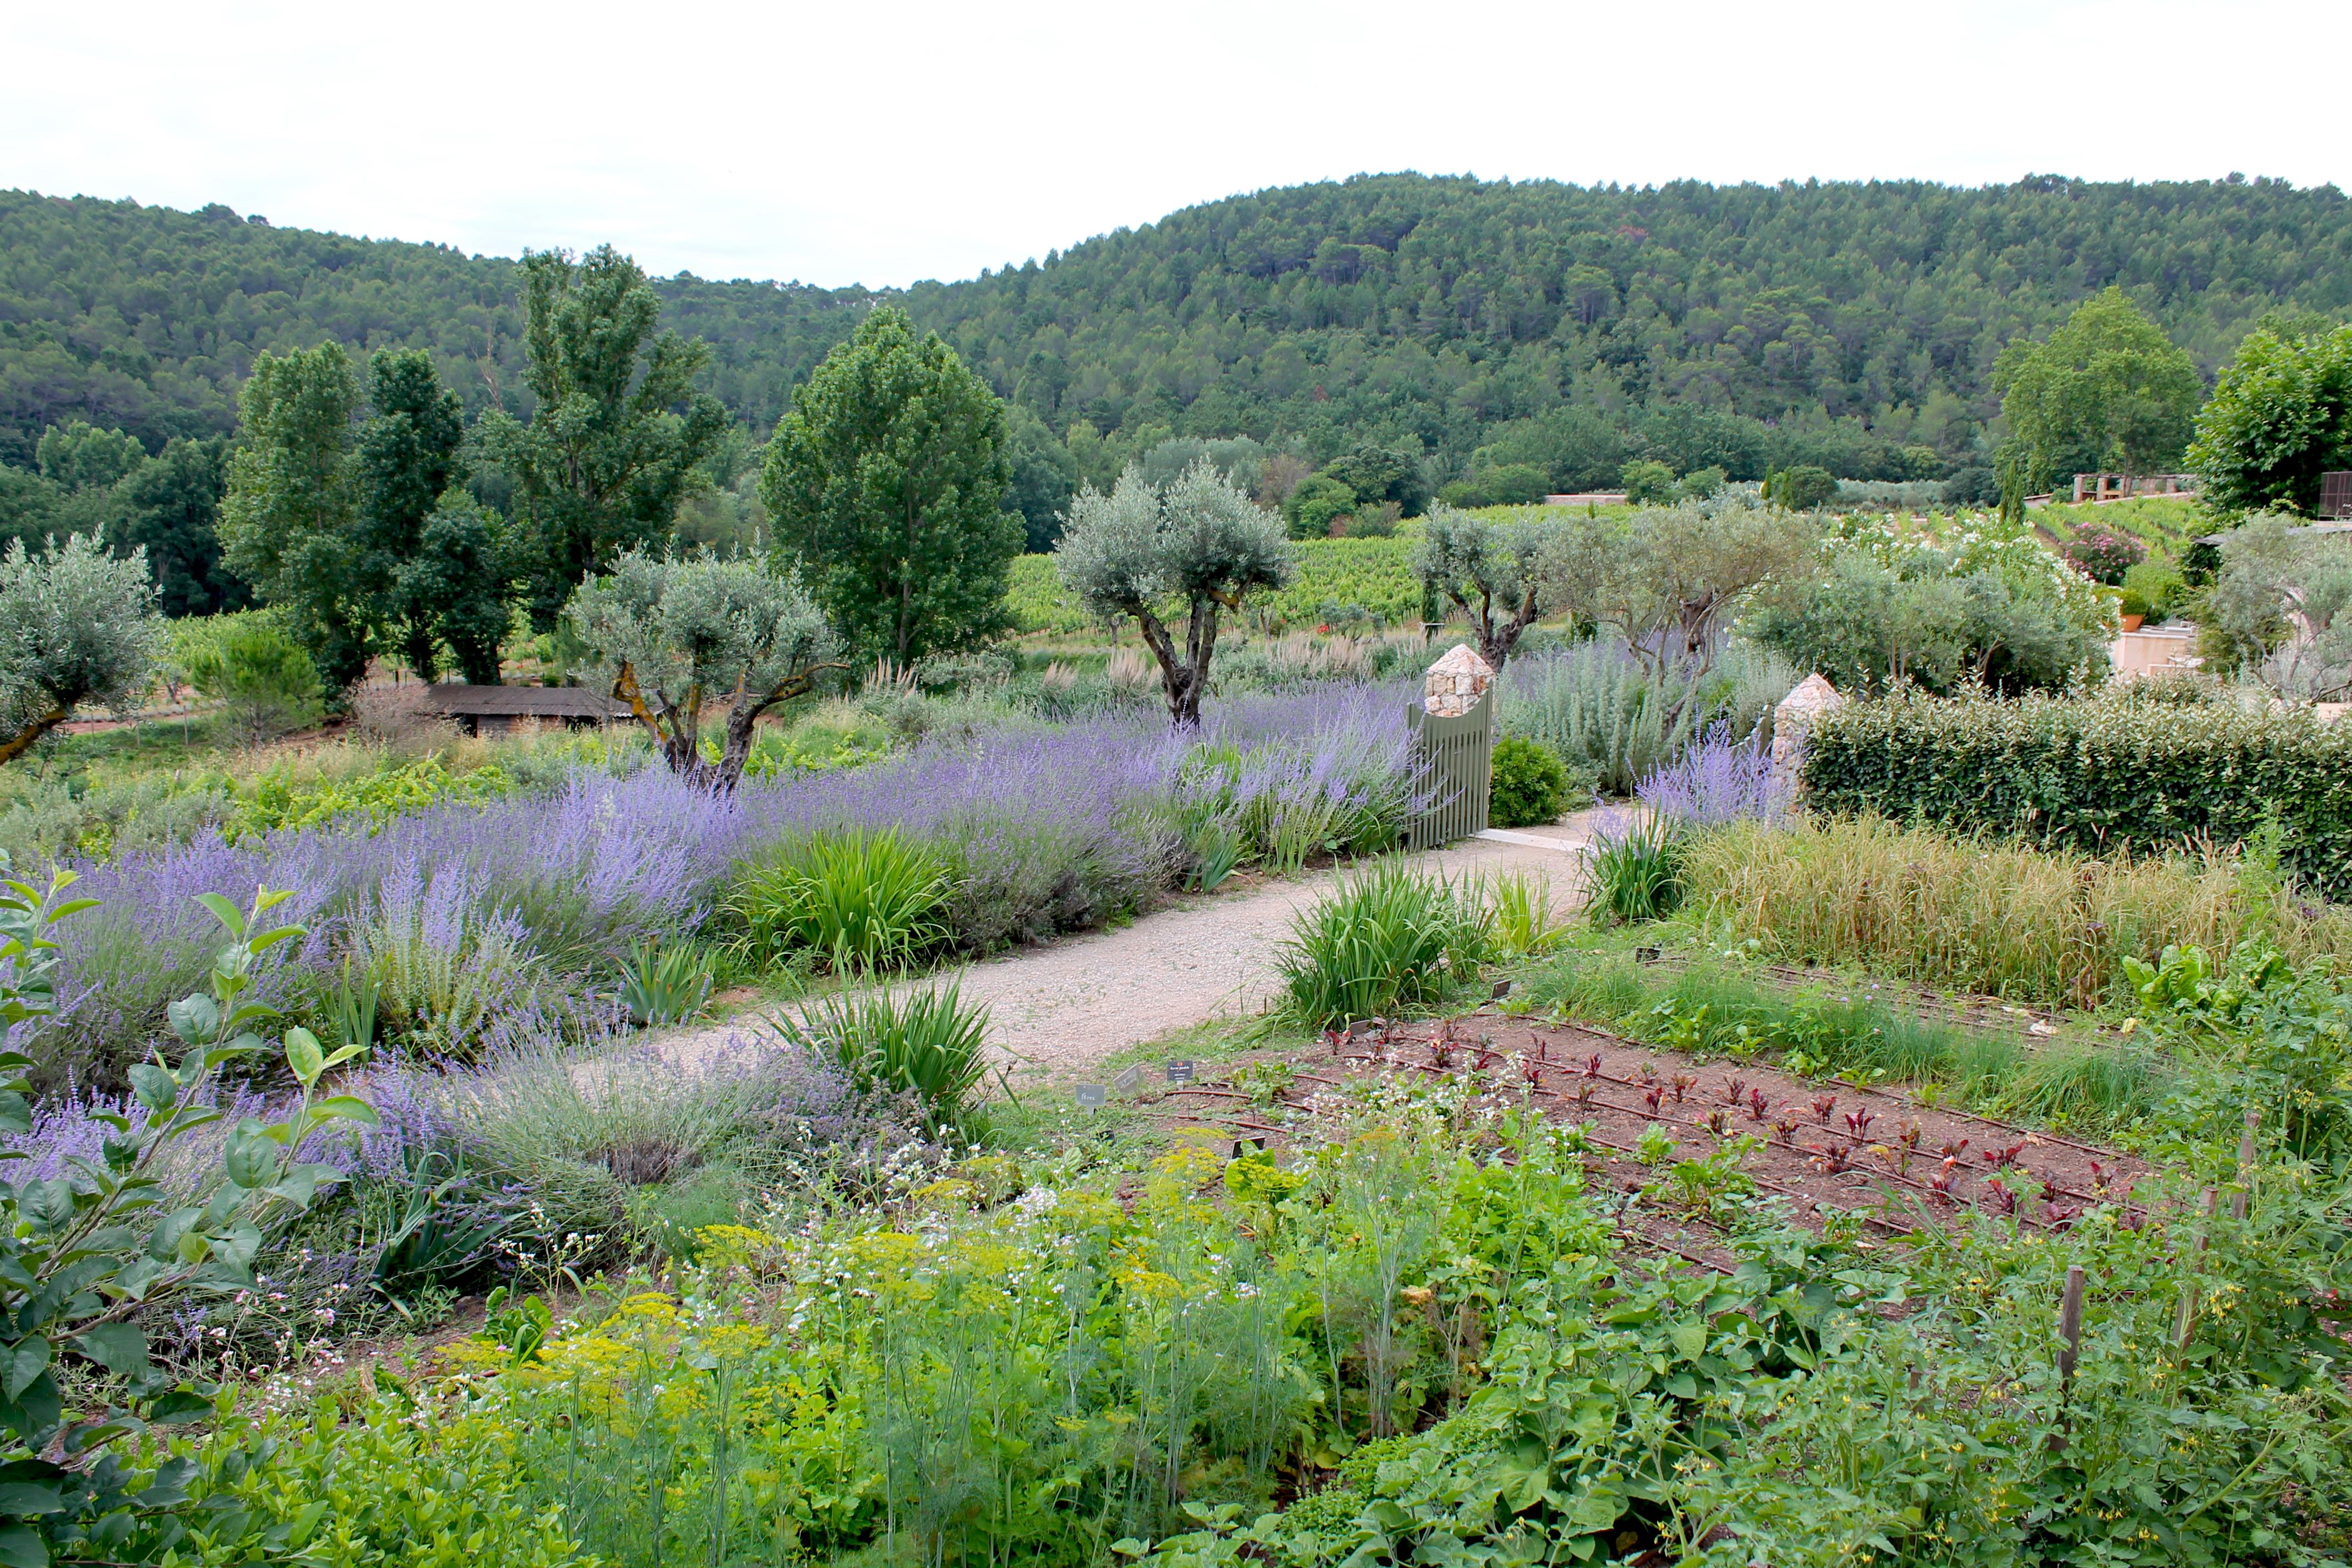 chateaudeberne-garden-lustforthesublime